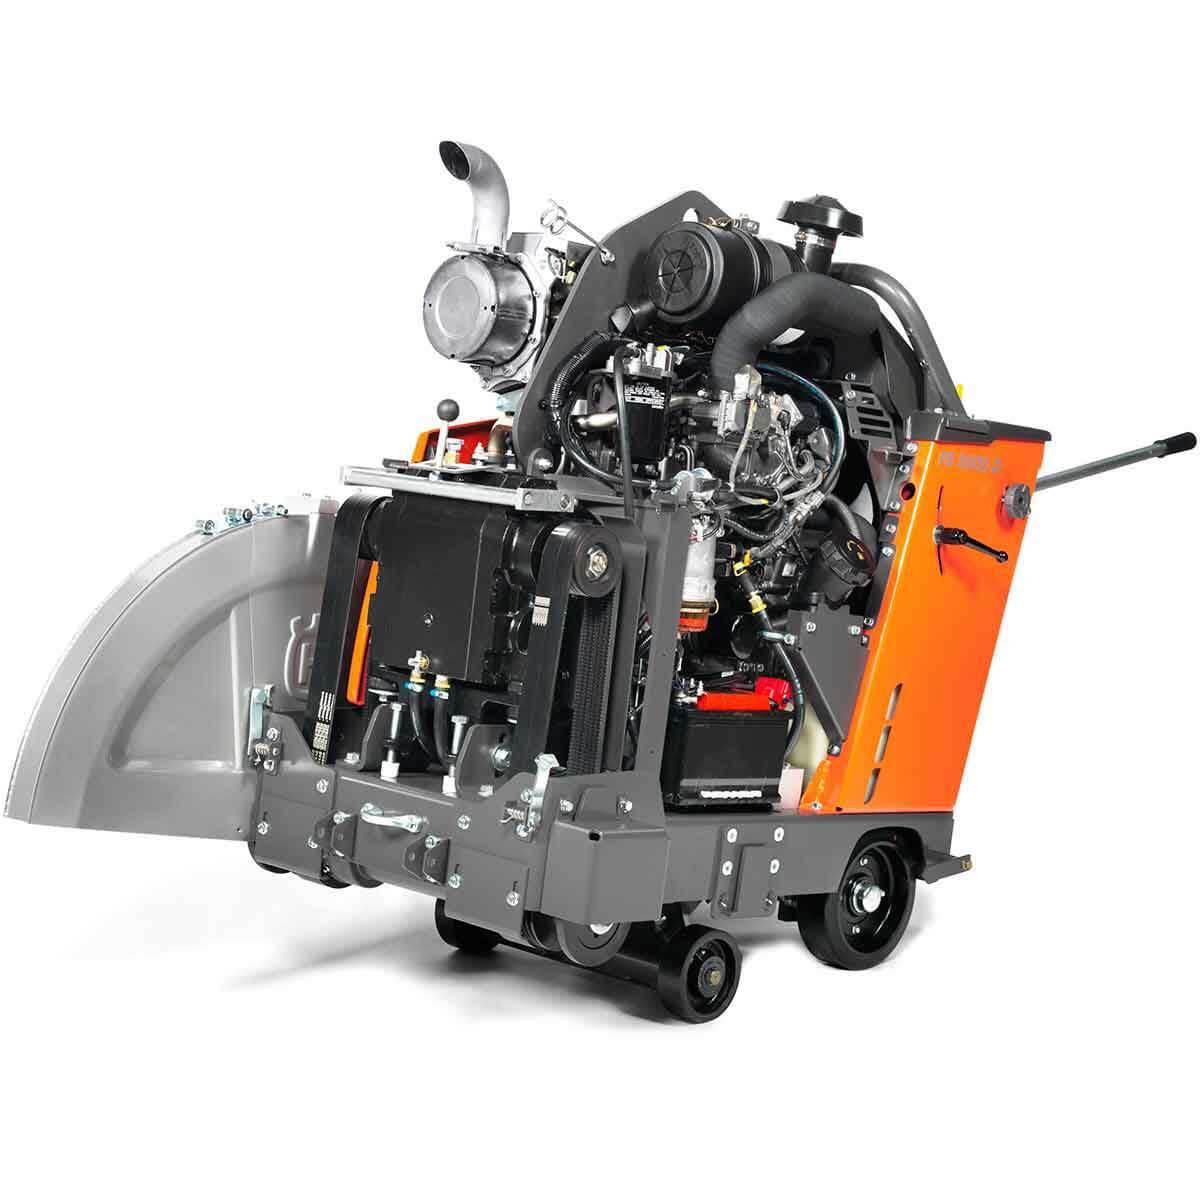 Husqvarna FS 5000 Diesel flat saw